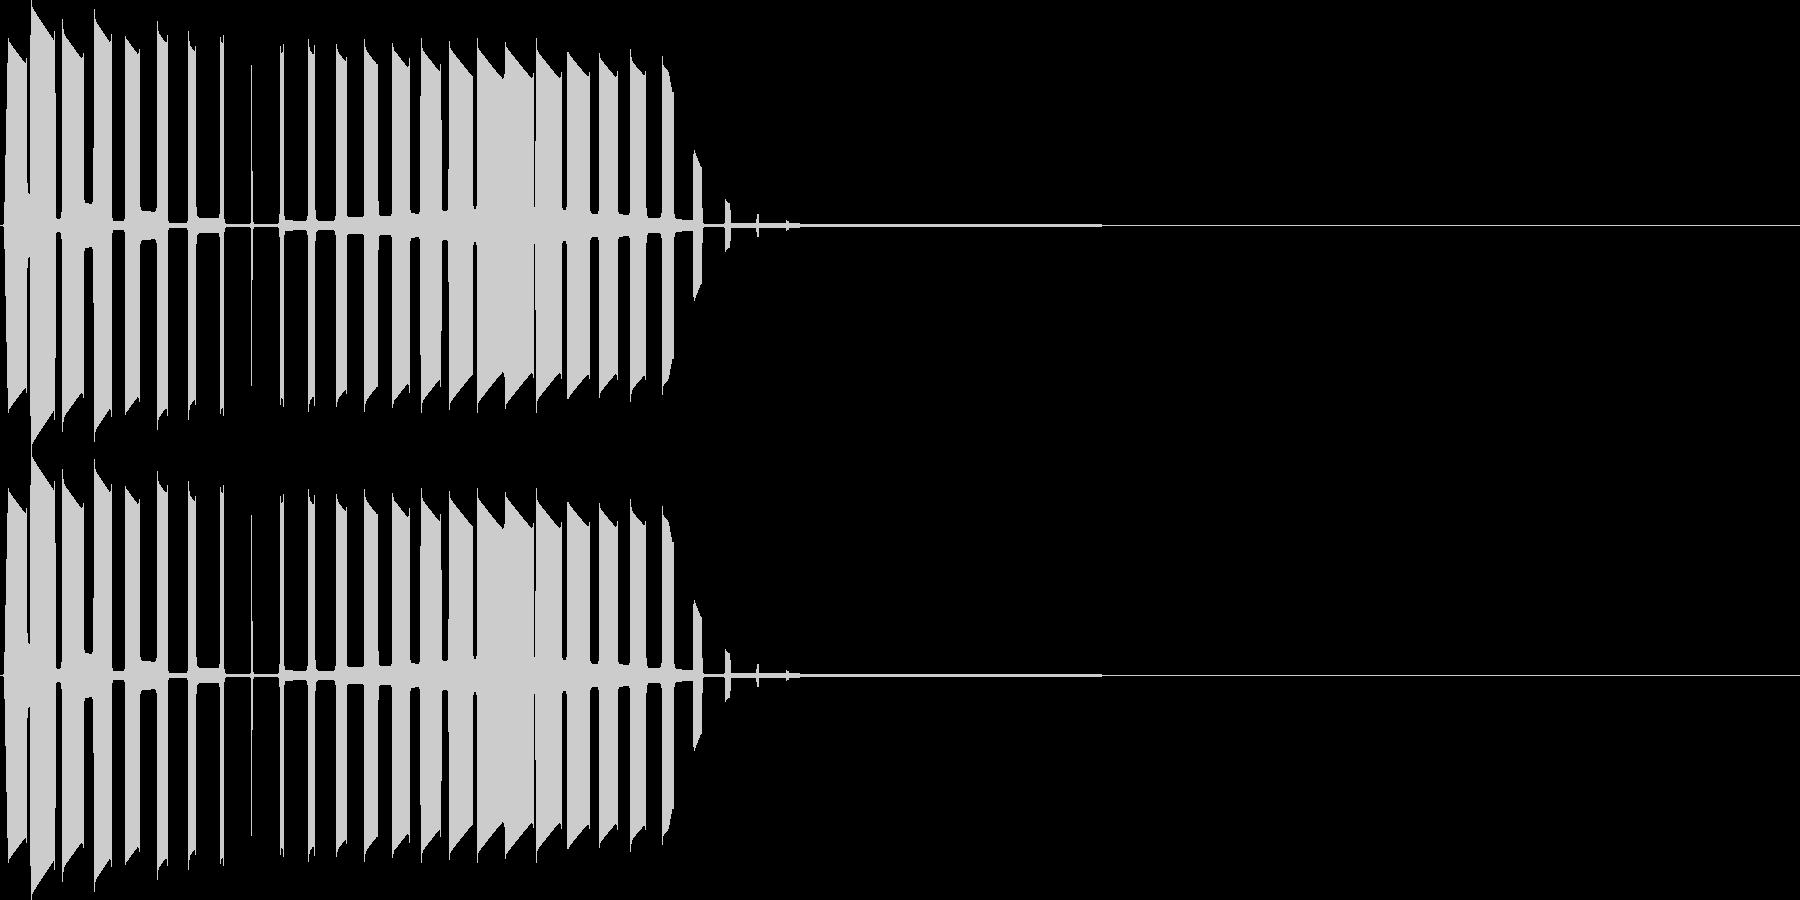 キャンセル音(プ)の未再生の波形